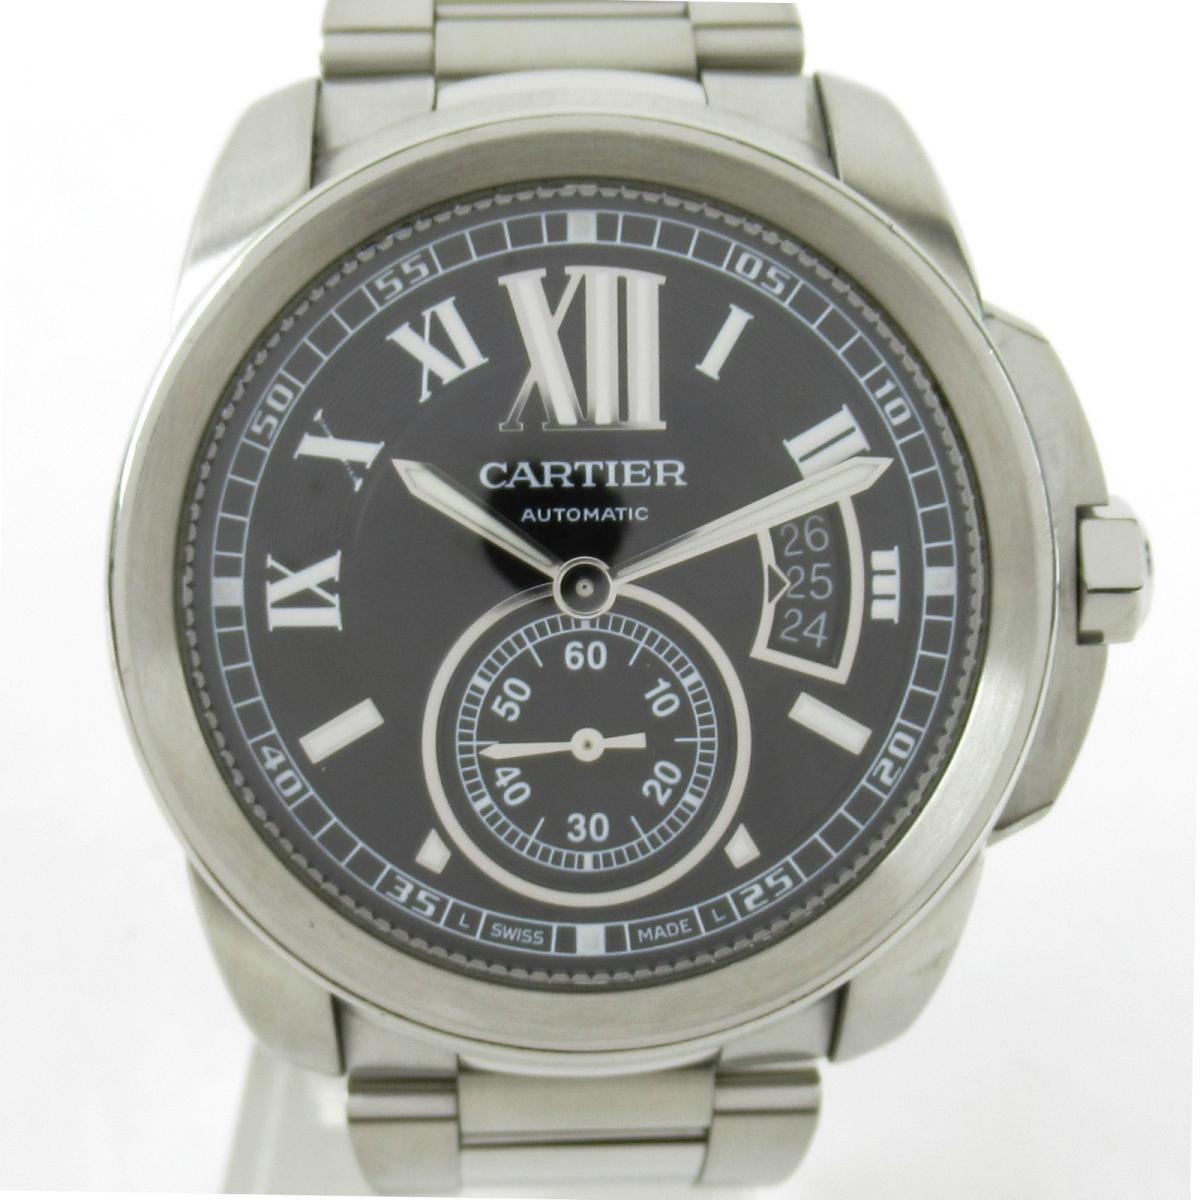 【中古】 カルティエ カリブル ドゥ カルティエ 腕時計 メンズ ステンレススチール (SS) (W7100016) | Cartier BRANDOFF ブランドオフ ブランド ブランド時計 ブランド腕時計 時計 ウォッチ